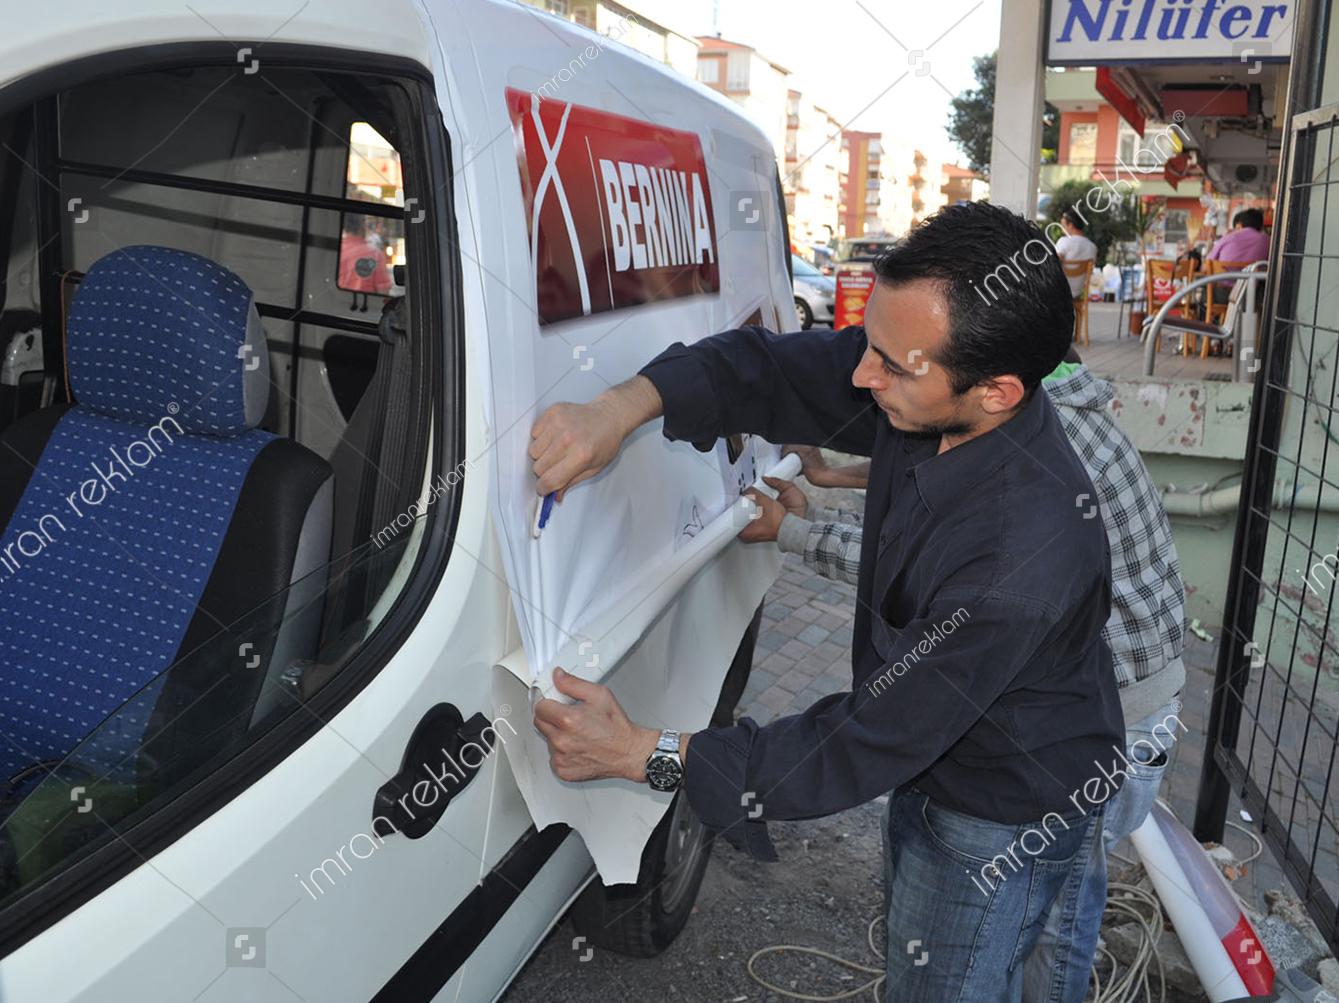 2009-fiat-doblo-arac-giydirme